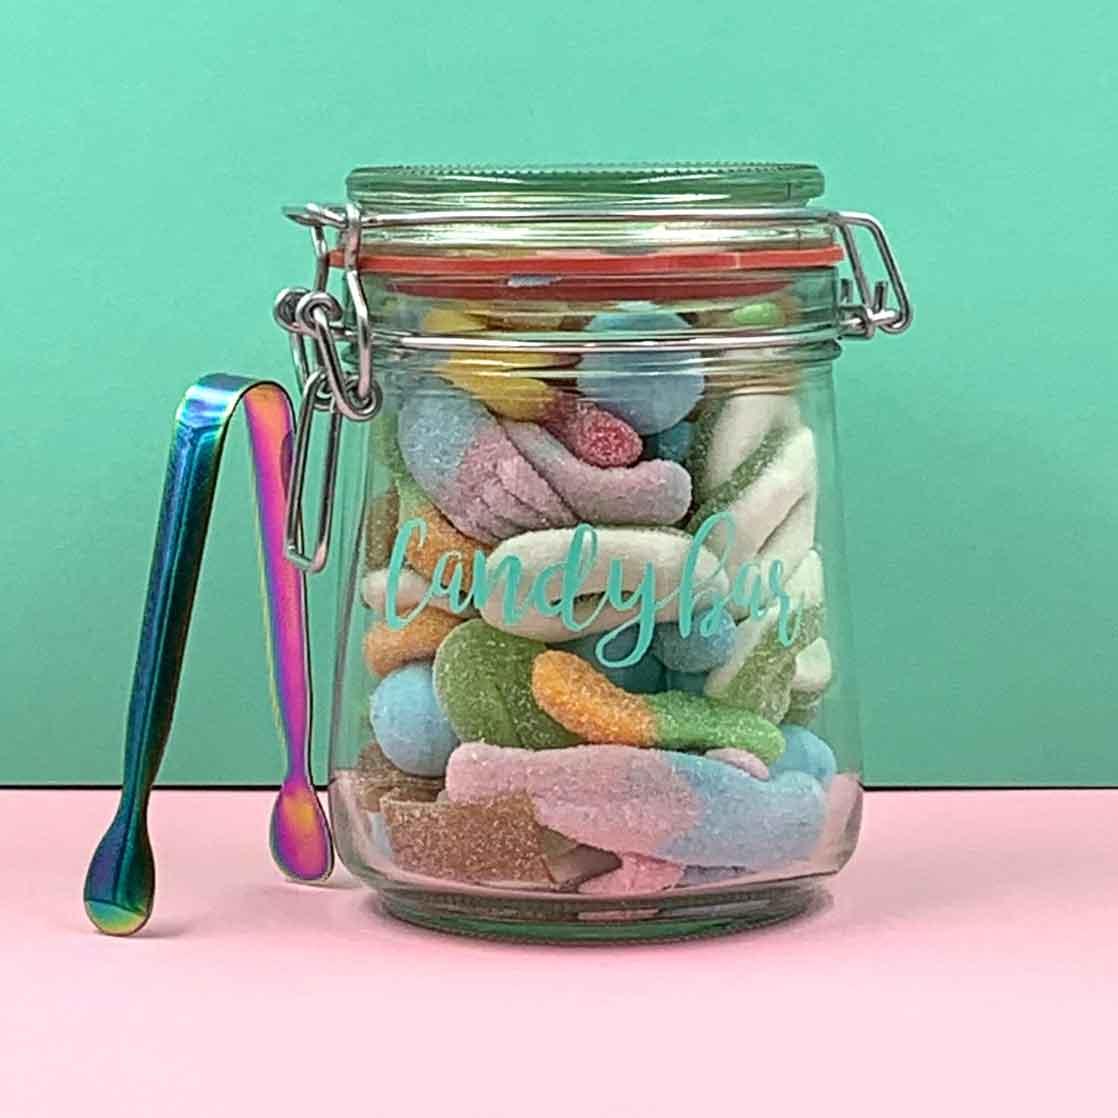 Kamellebuedchen-Shop-Weingummi-Suesses-Weingummi-Saure-Mini-Candybar-neu